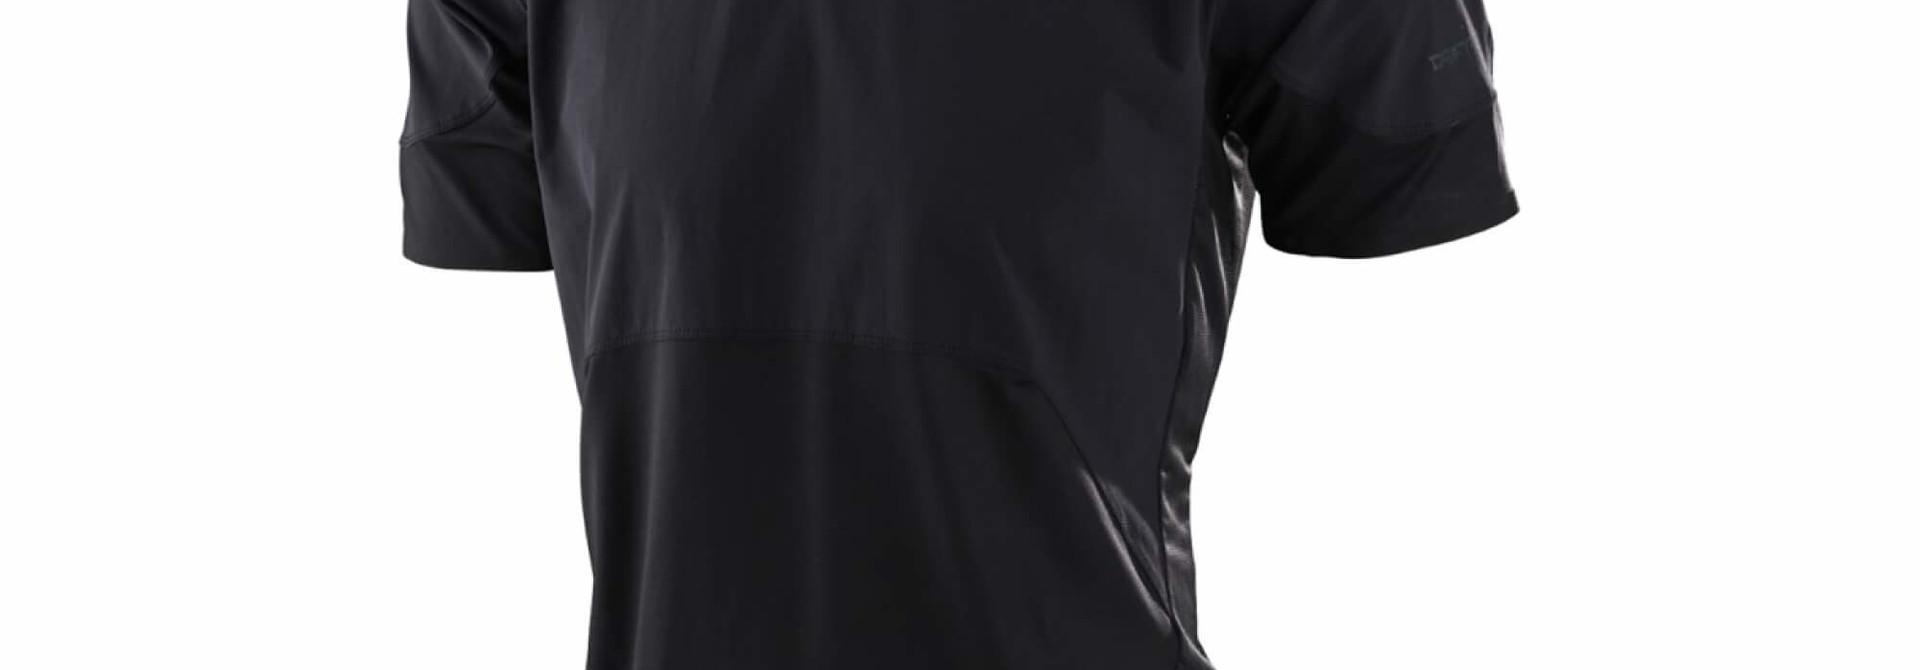 Drift Short Sleeve Jersey 2022